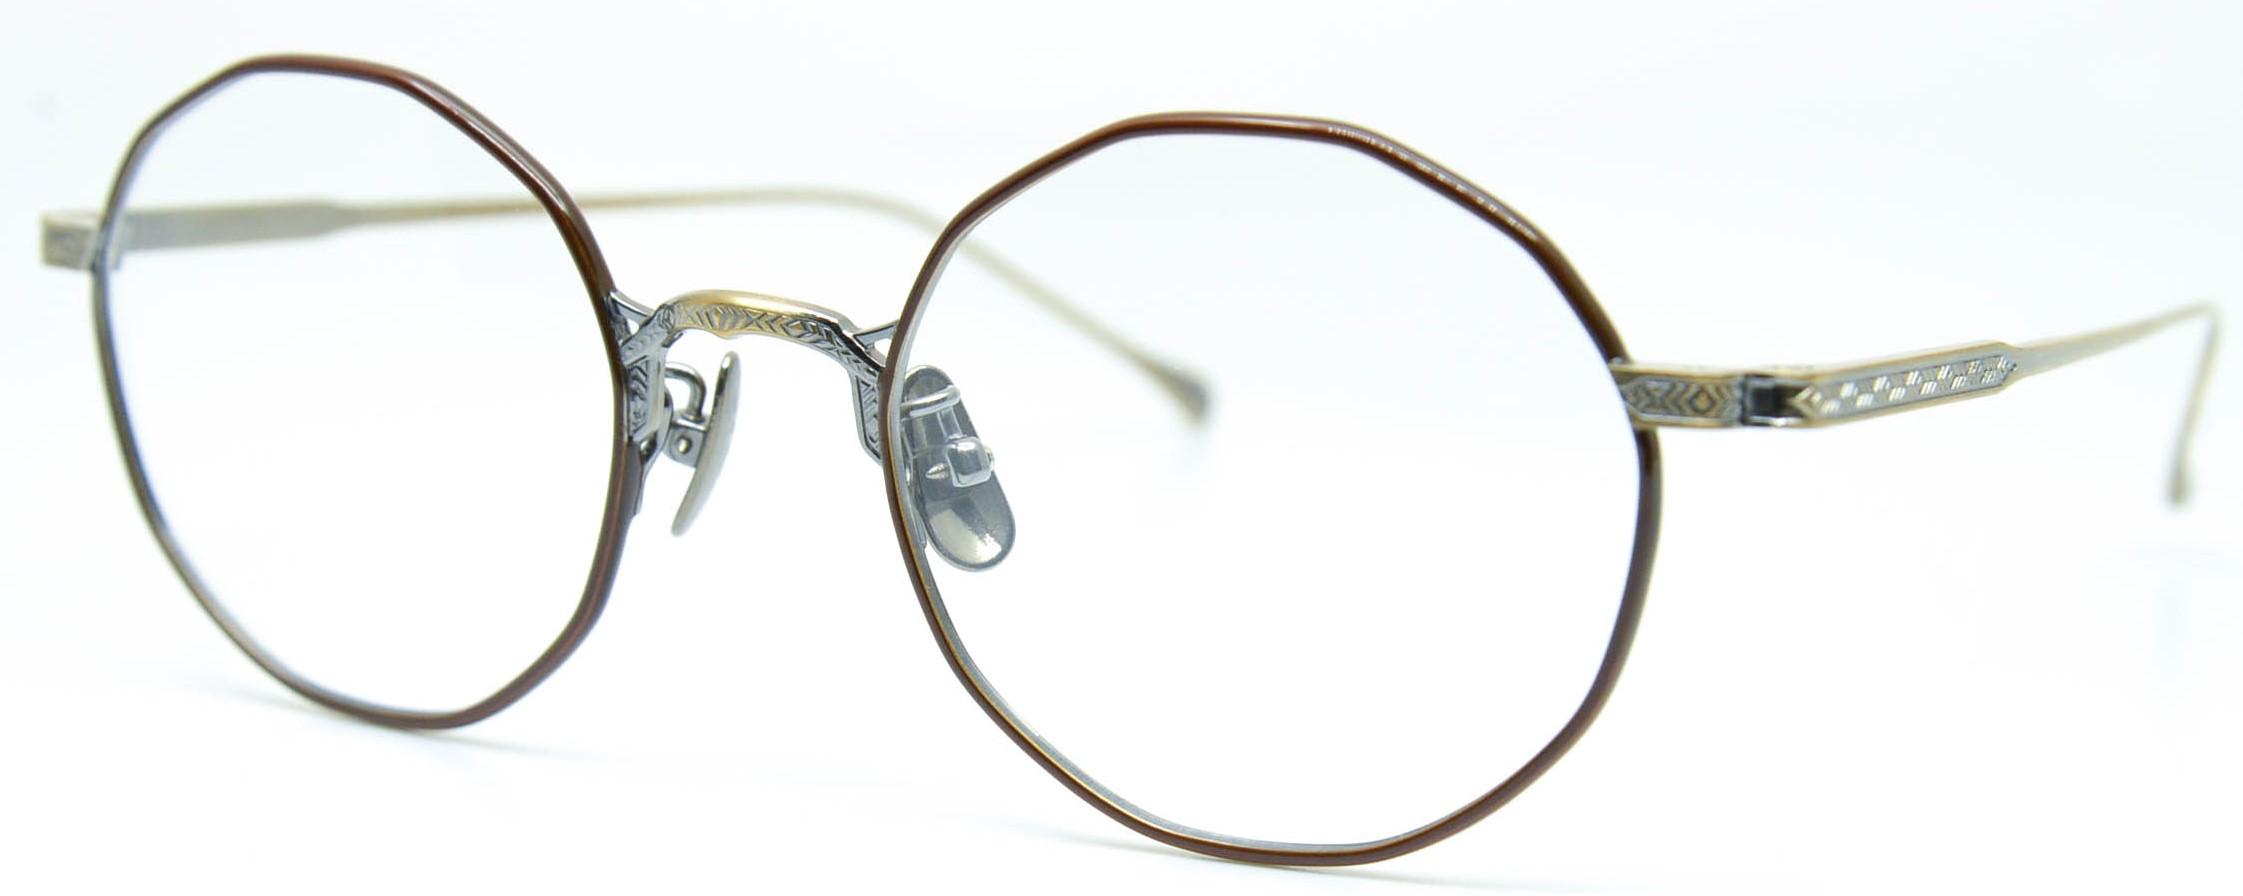 眼鏡のカラータイプC-3 Brown/At-Gold